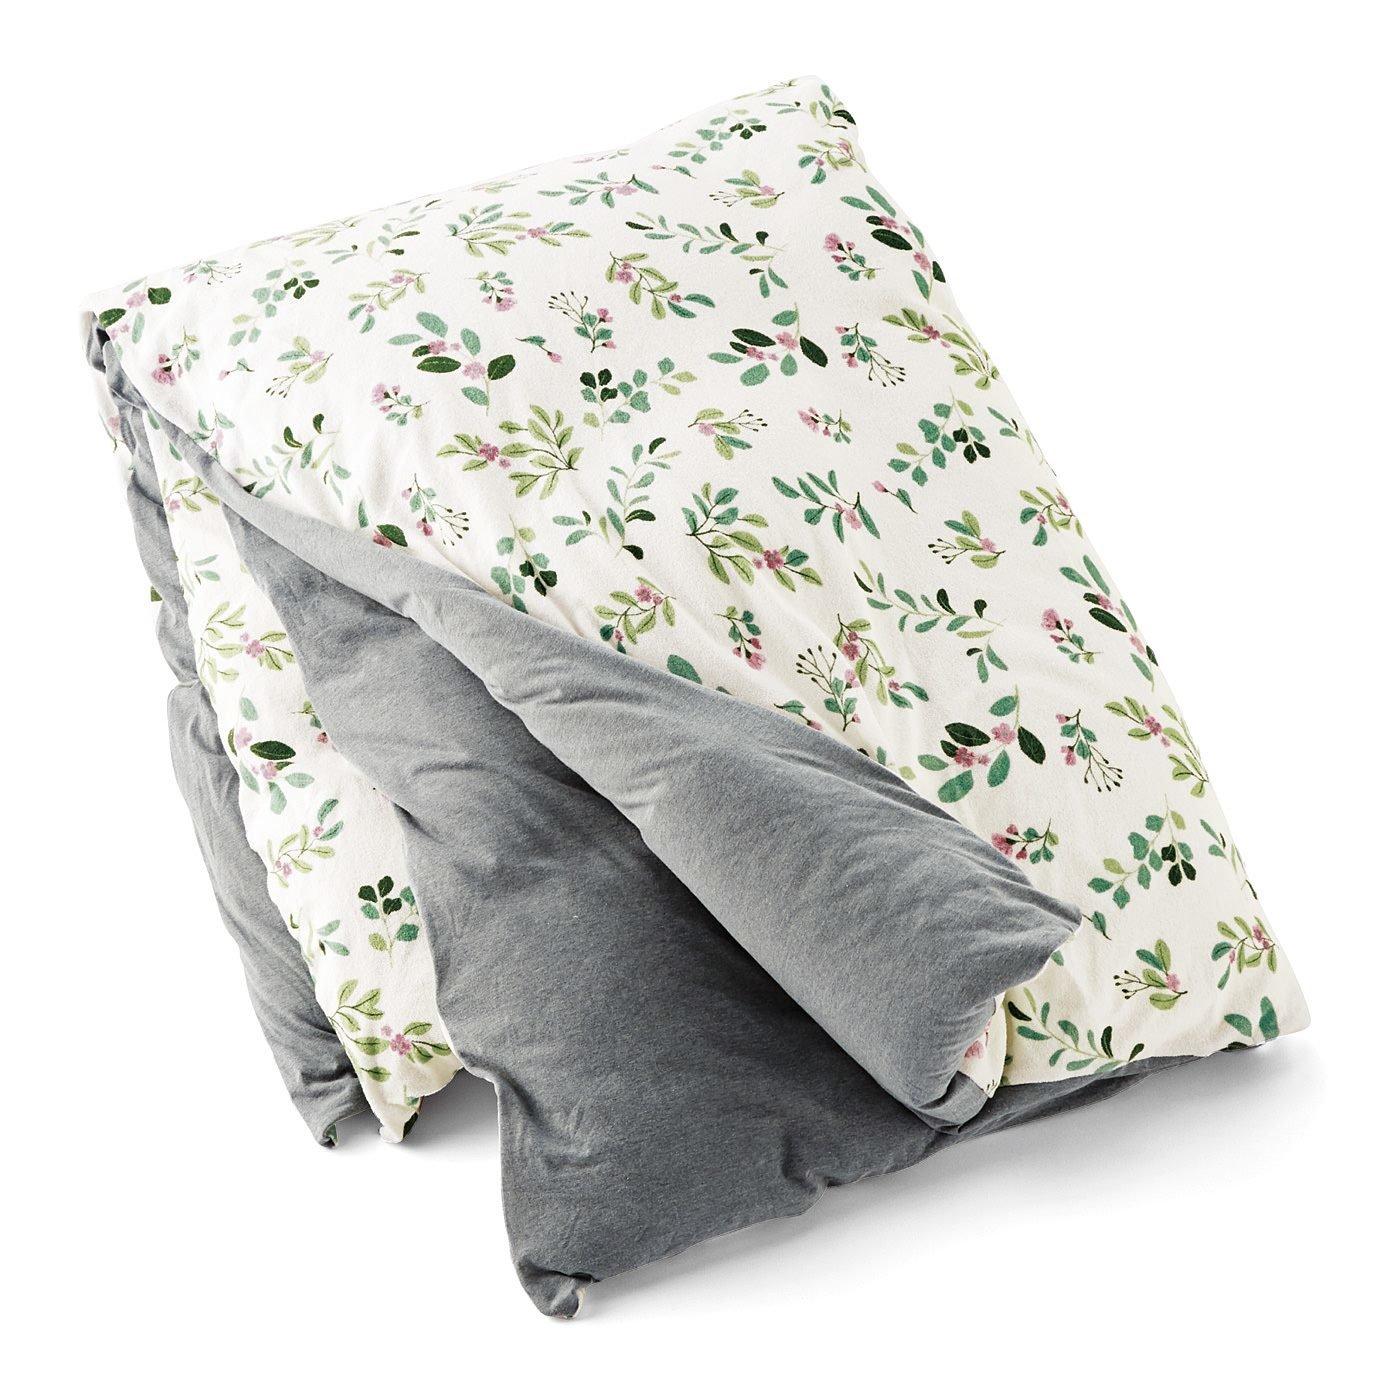 さらっとタッチで快眠仕立て リバーシブルパイル掛け布団カバー〈ダブル〉